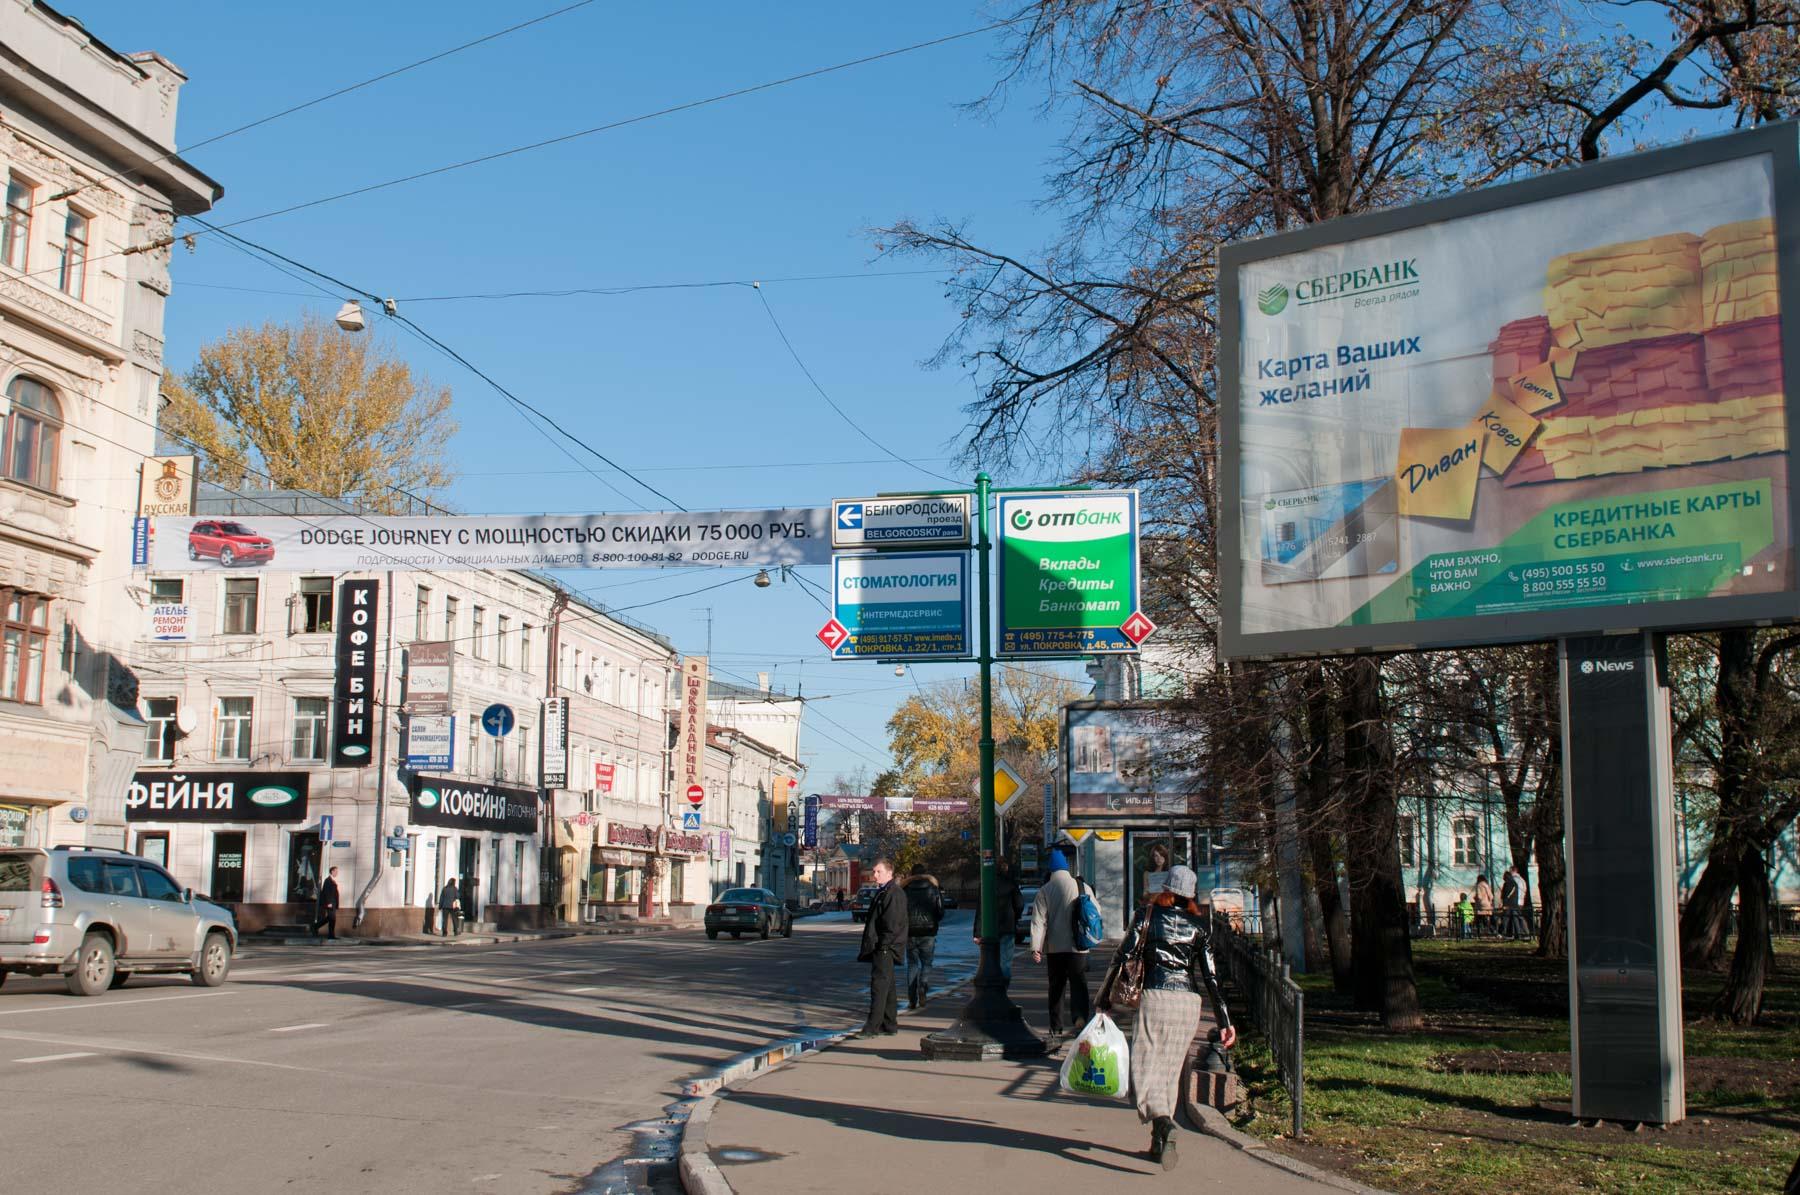 Москва, которую мы потеряли